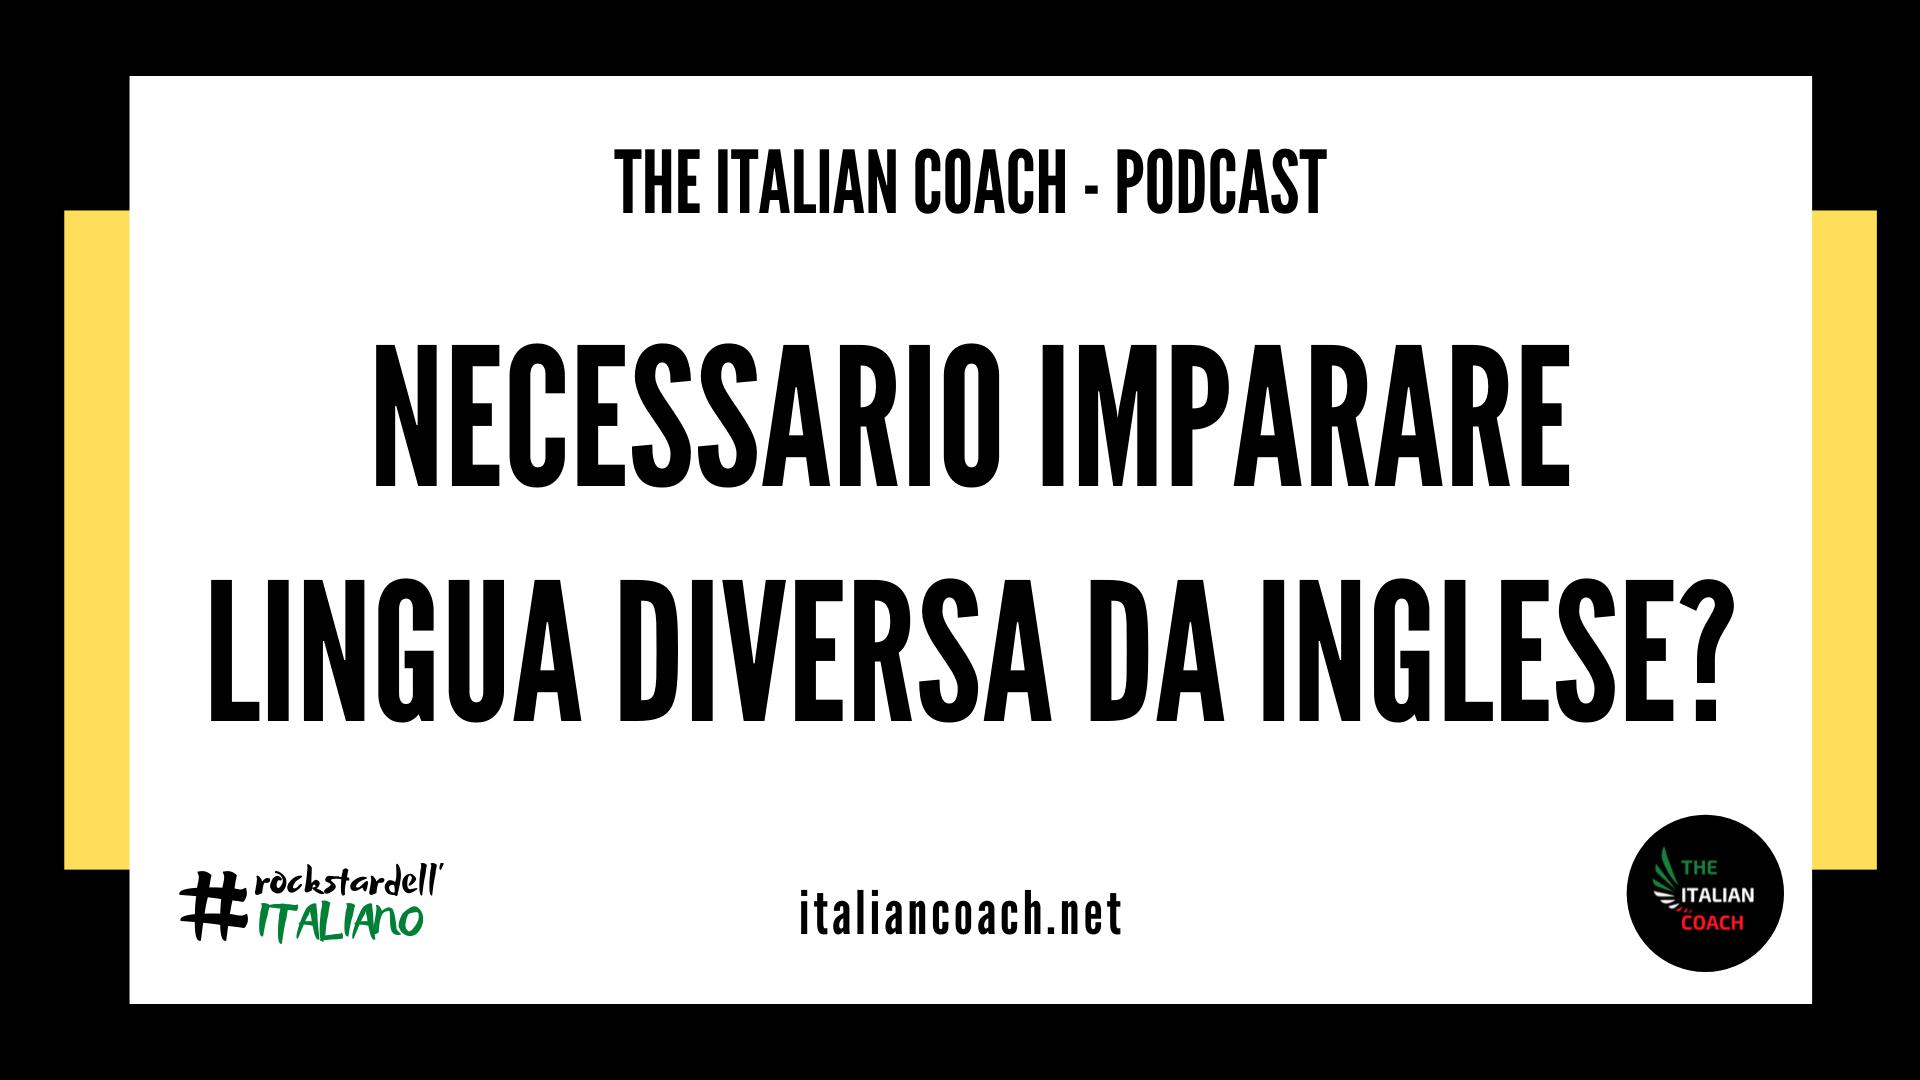 the italian coach è necessario imparare lingua diversa da inglese